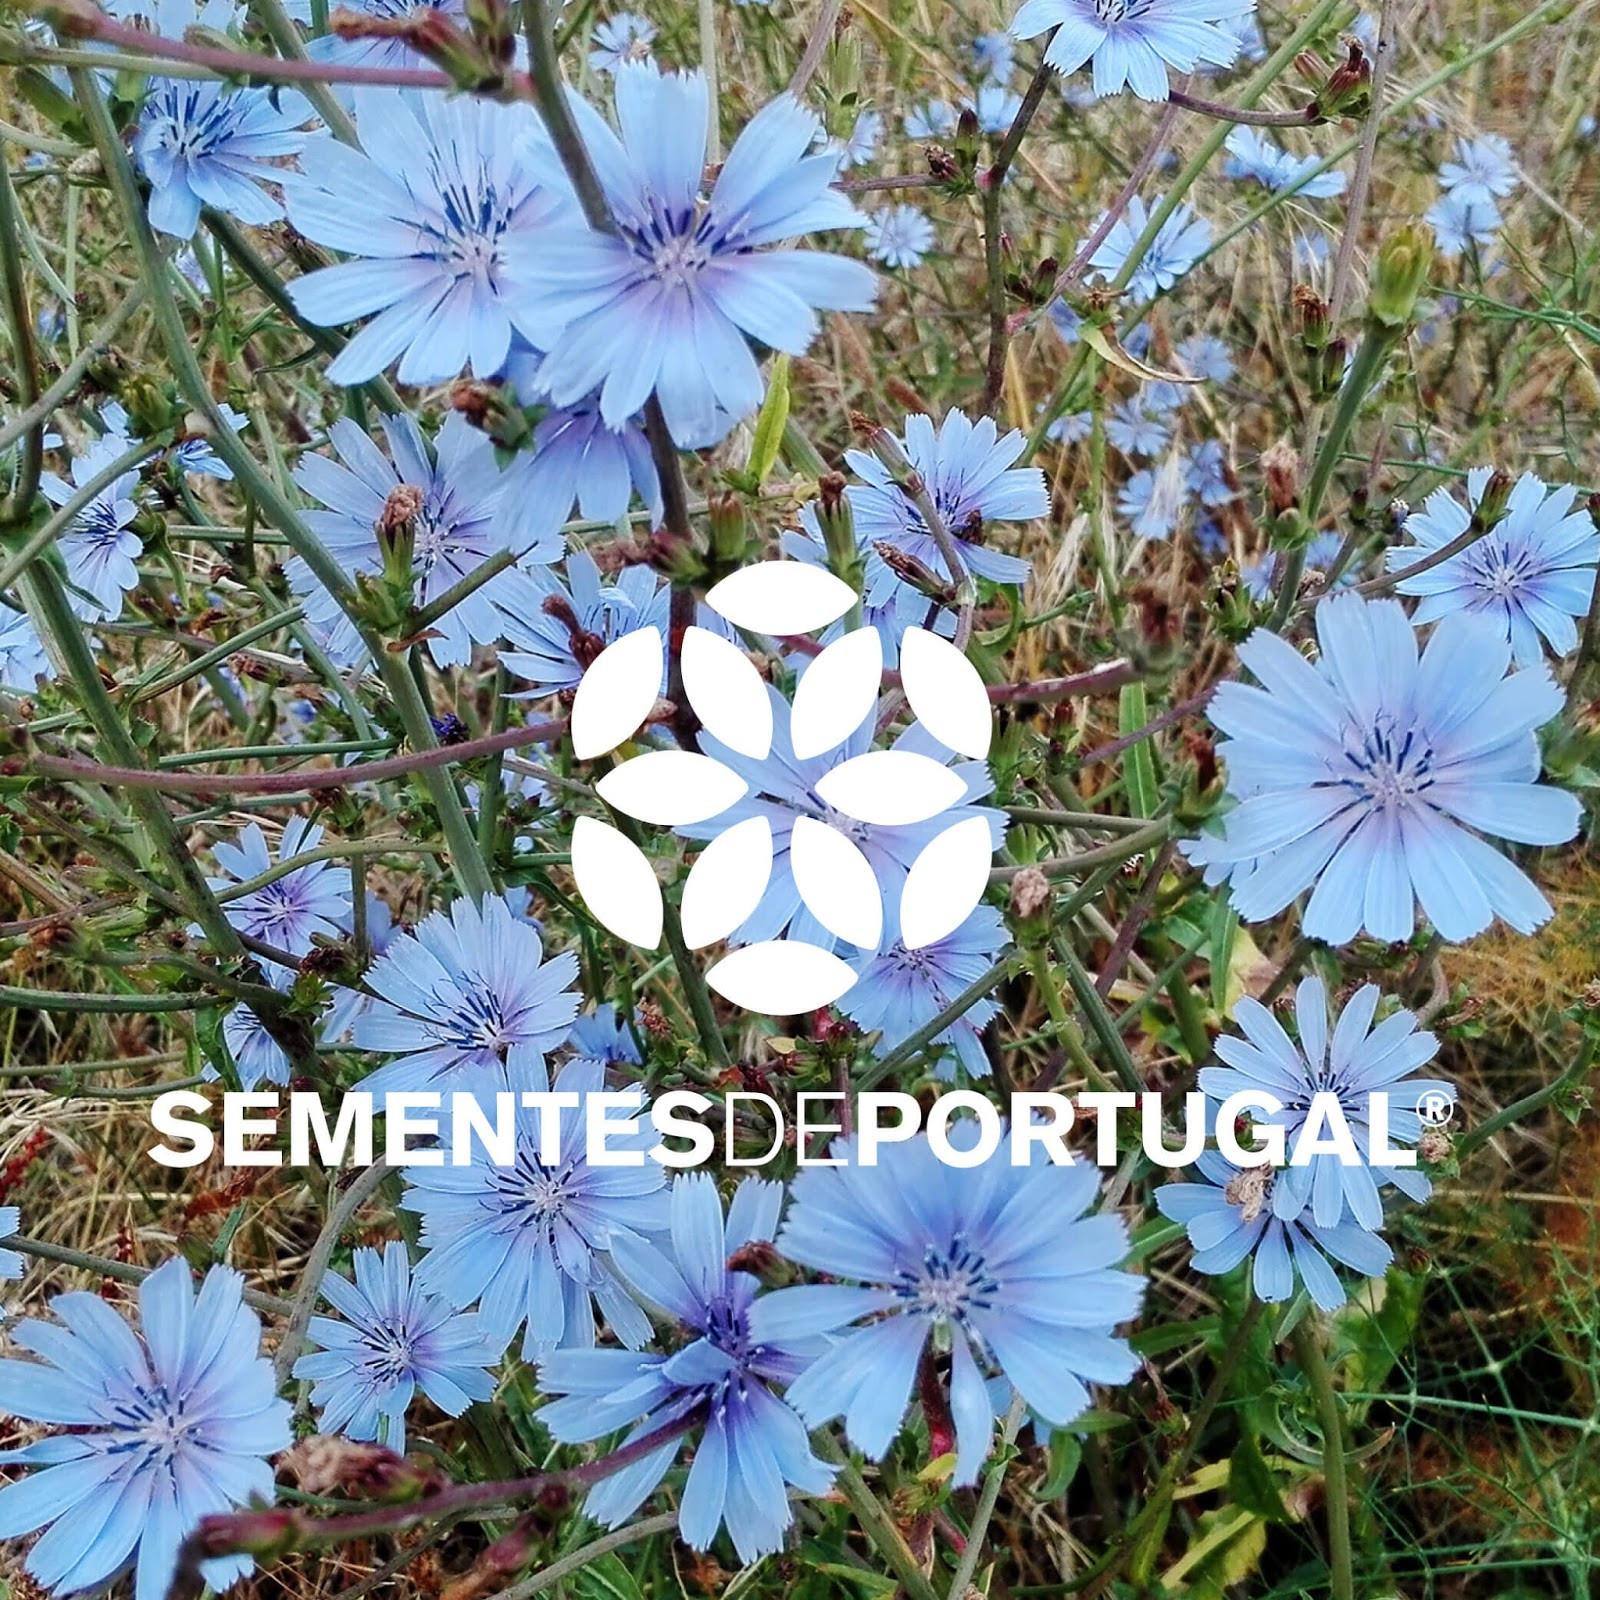 sementes de portugal web fb post verao 2017 01